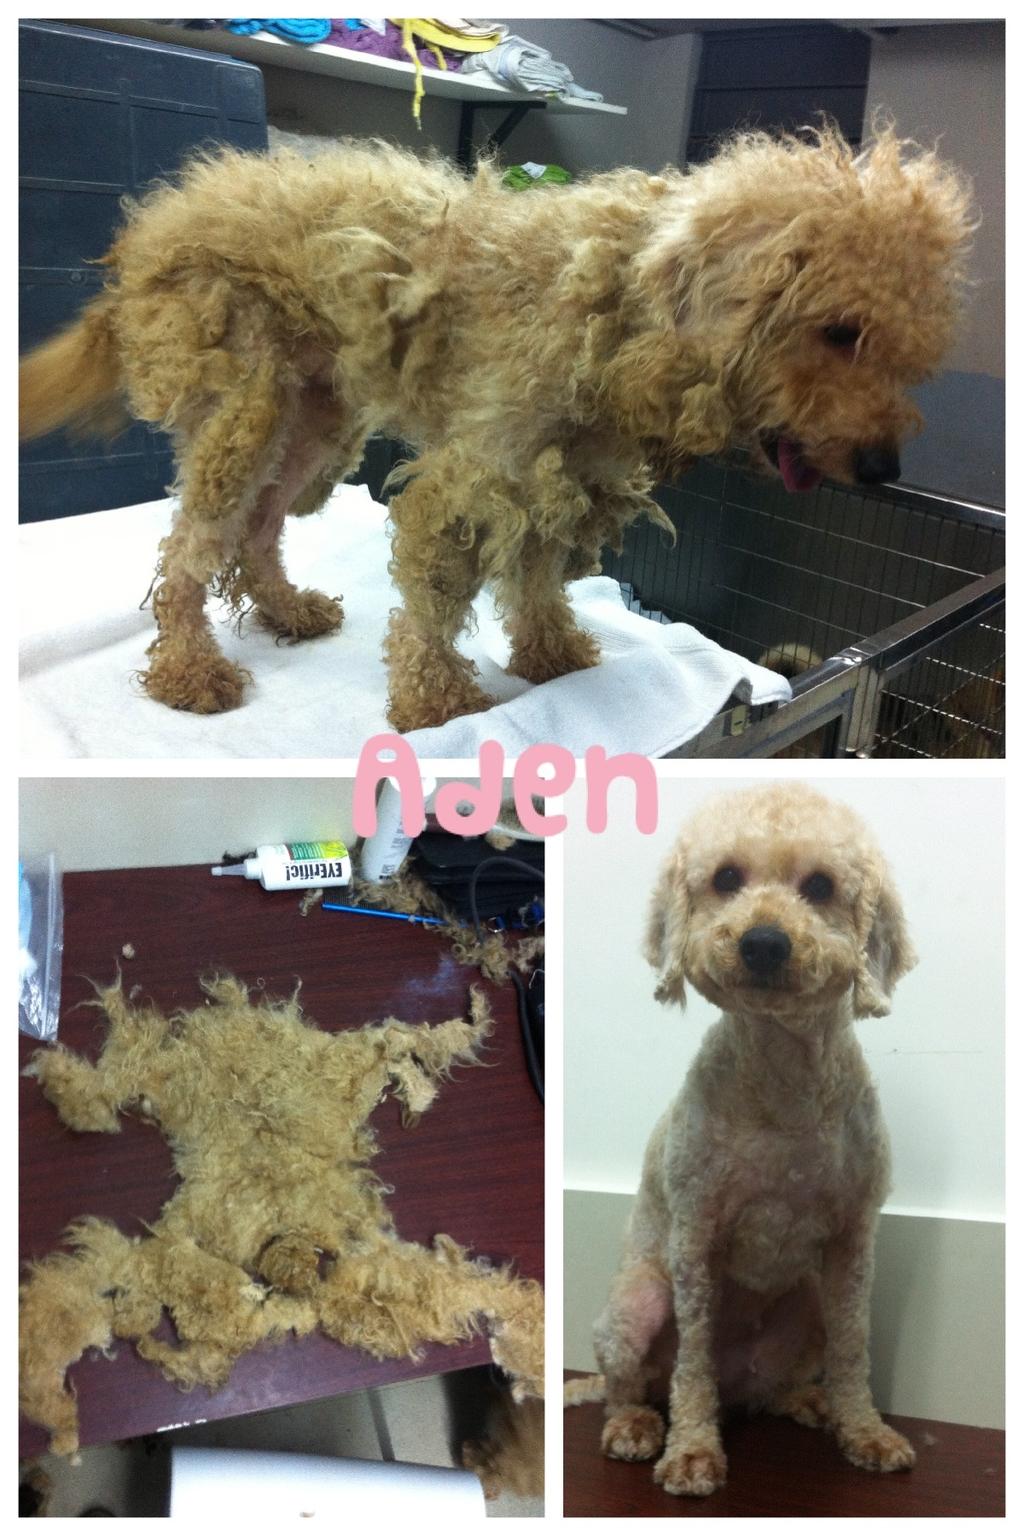 救狗之家早前亦收到繁殖場來的狗隻,圖為清潔前後的樣子(圖片由救狗之家提供)